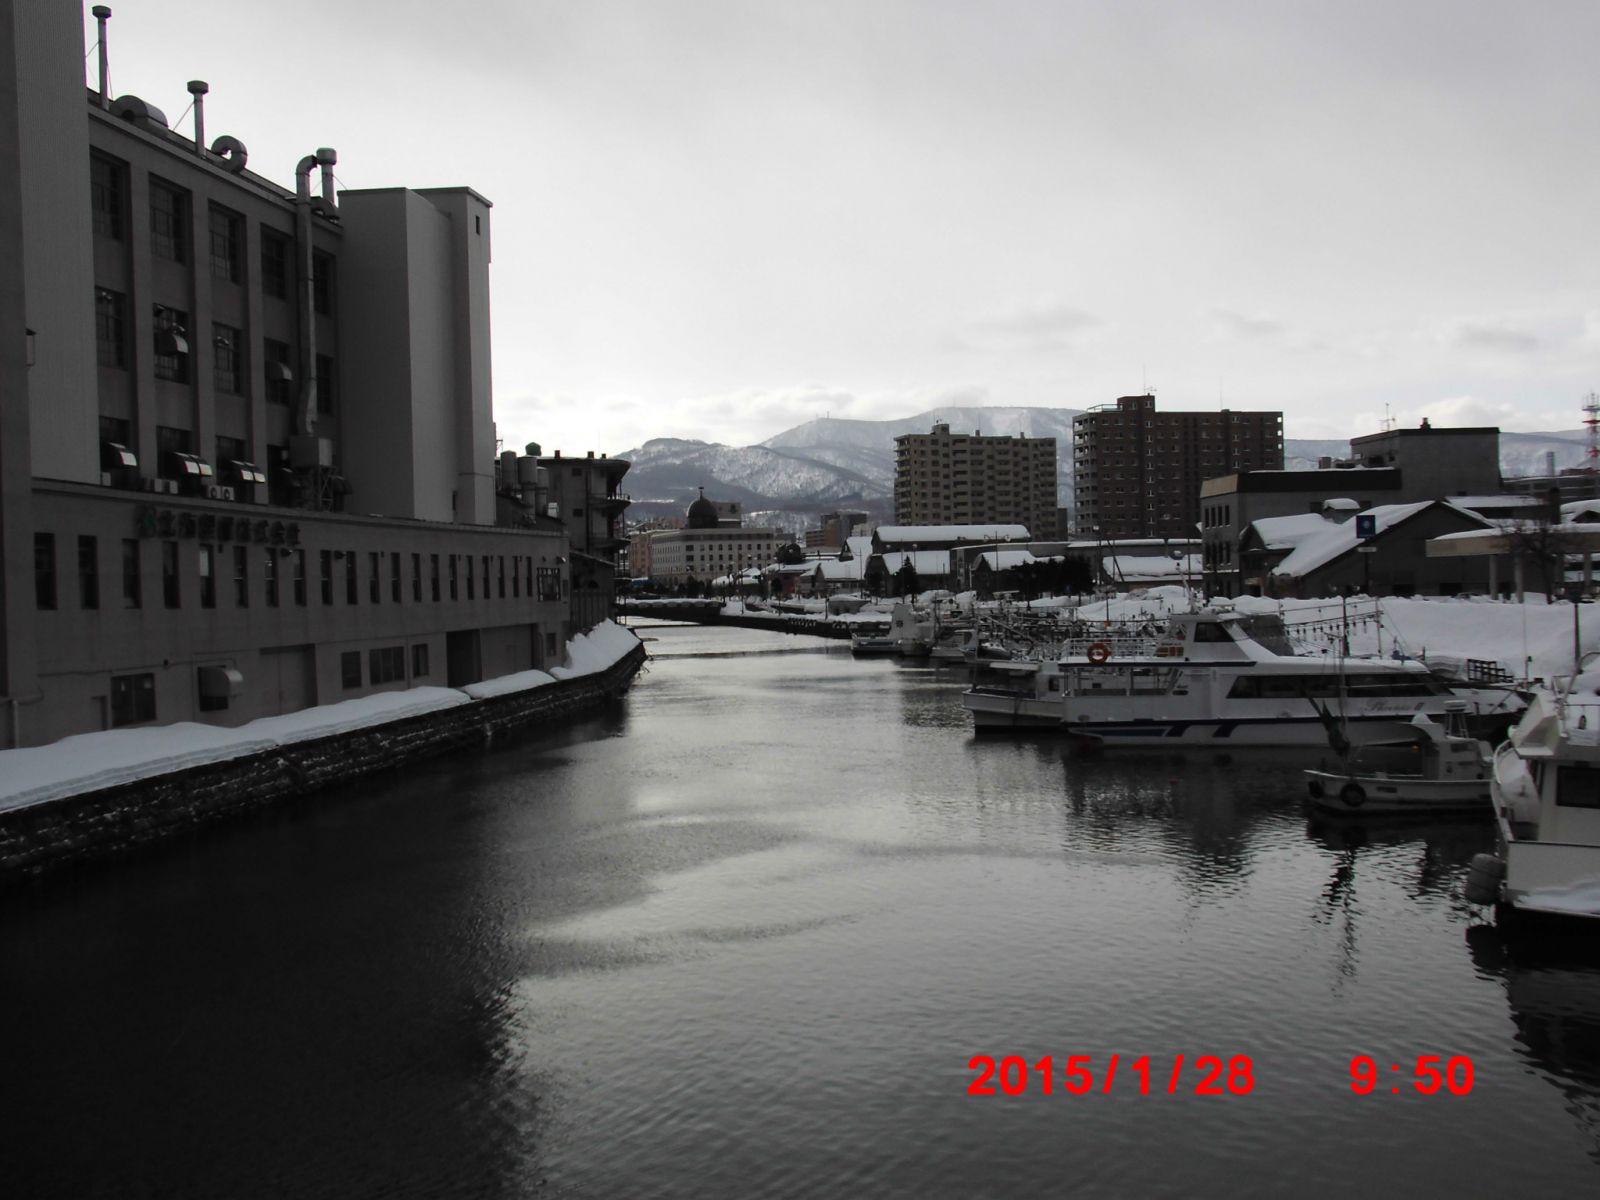 【小樽市】お得な小樽市内周遊観光タクシー早回り3時間観光タクシーBコース